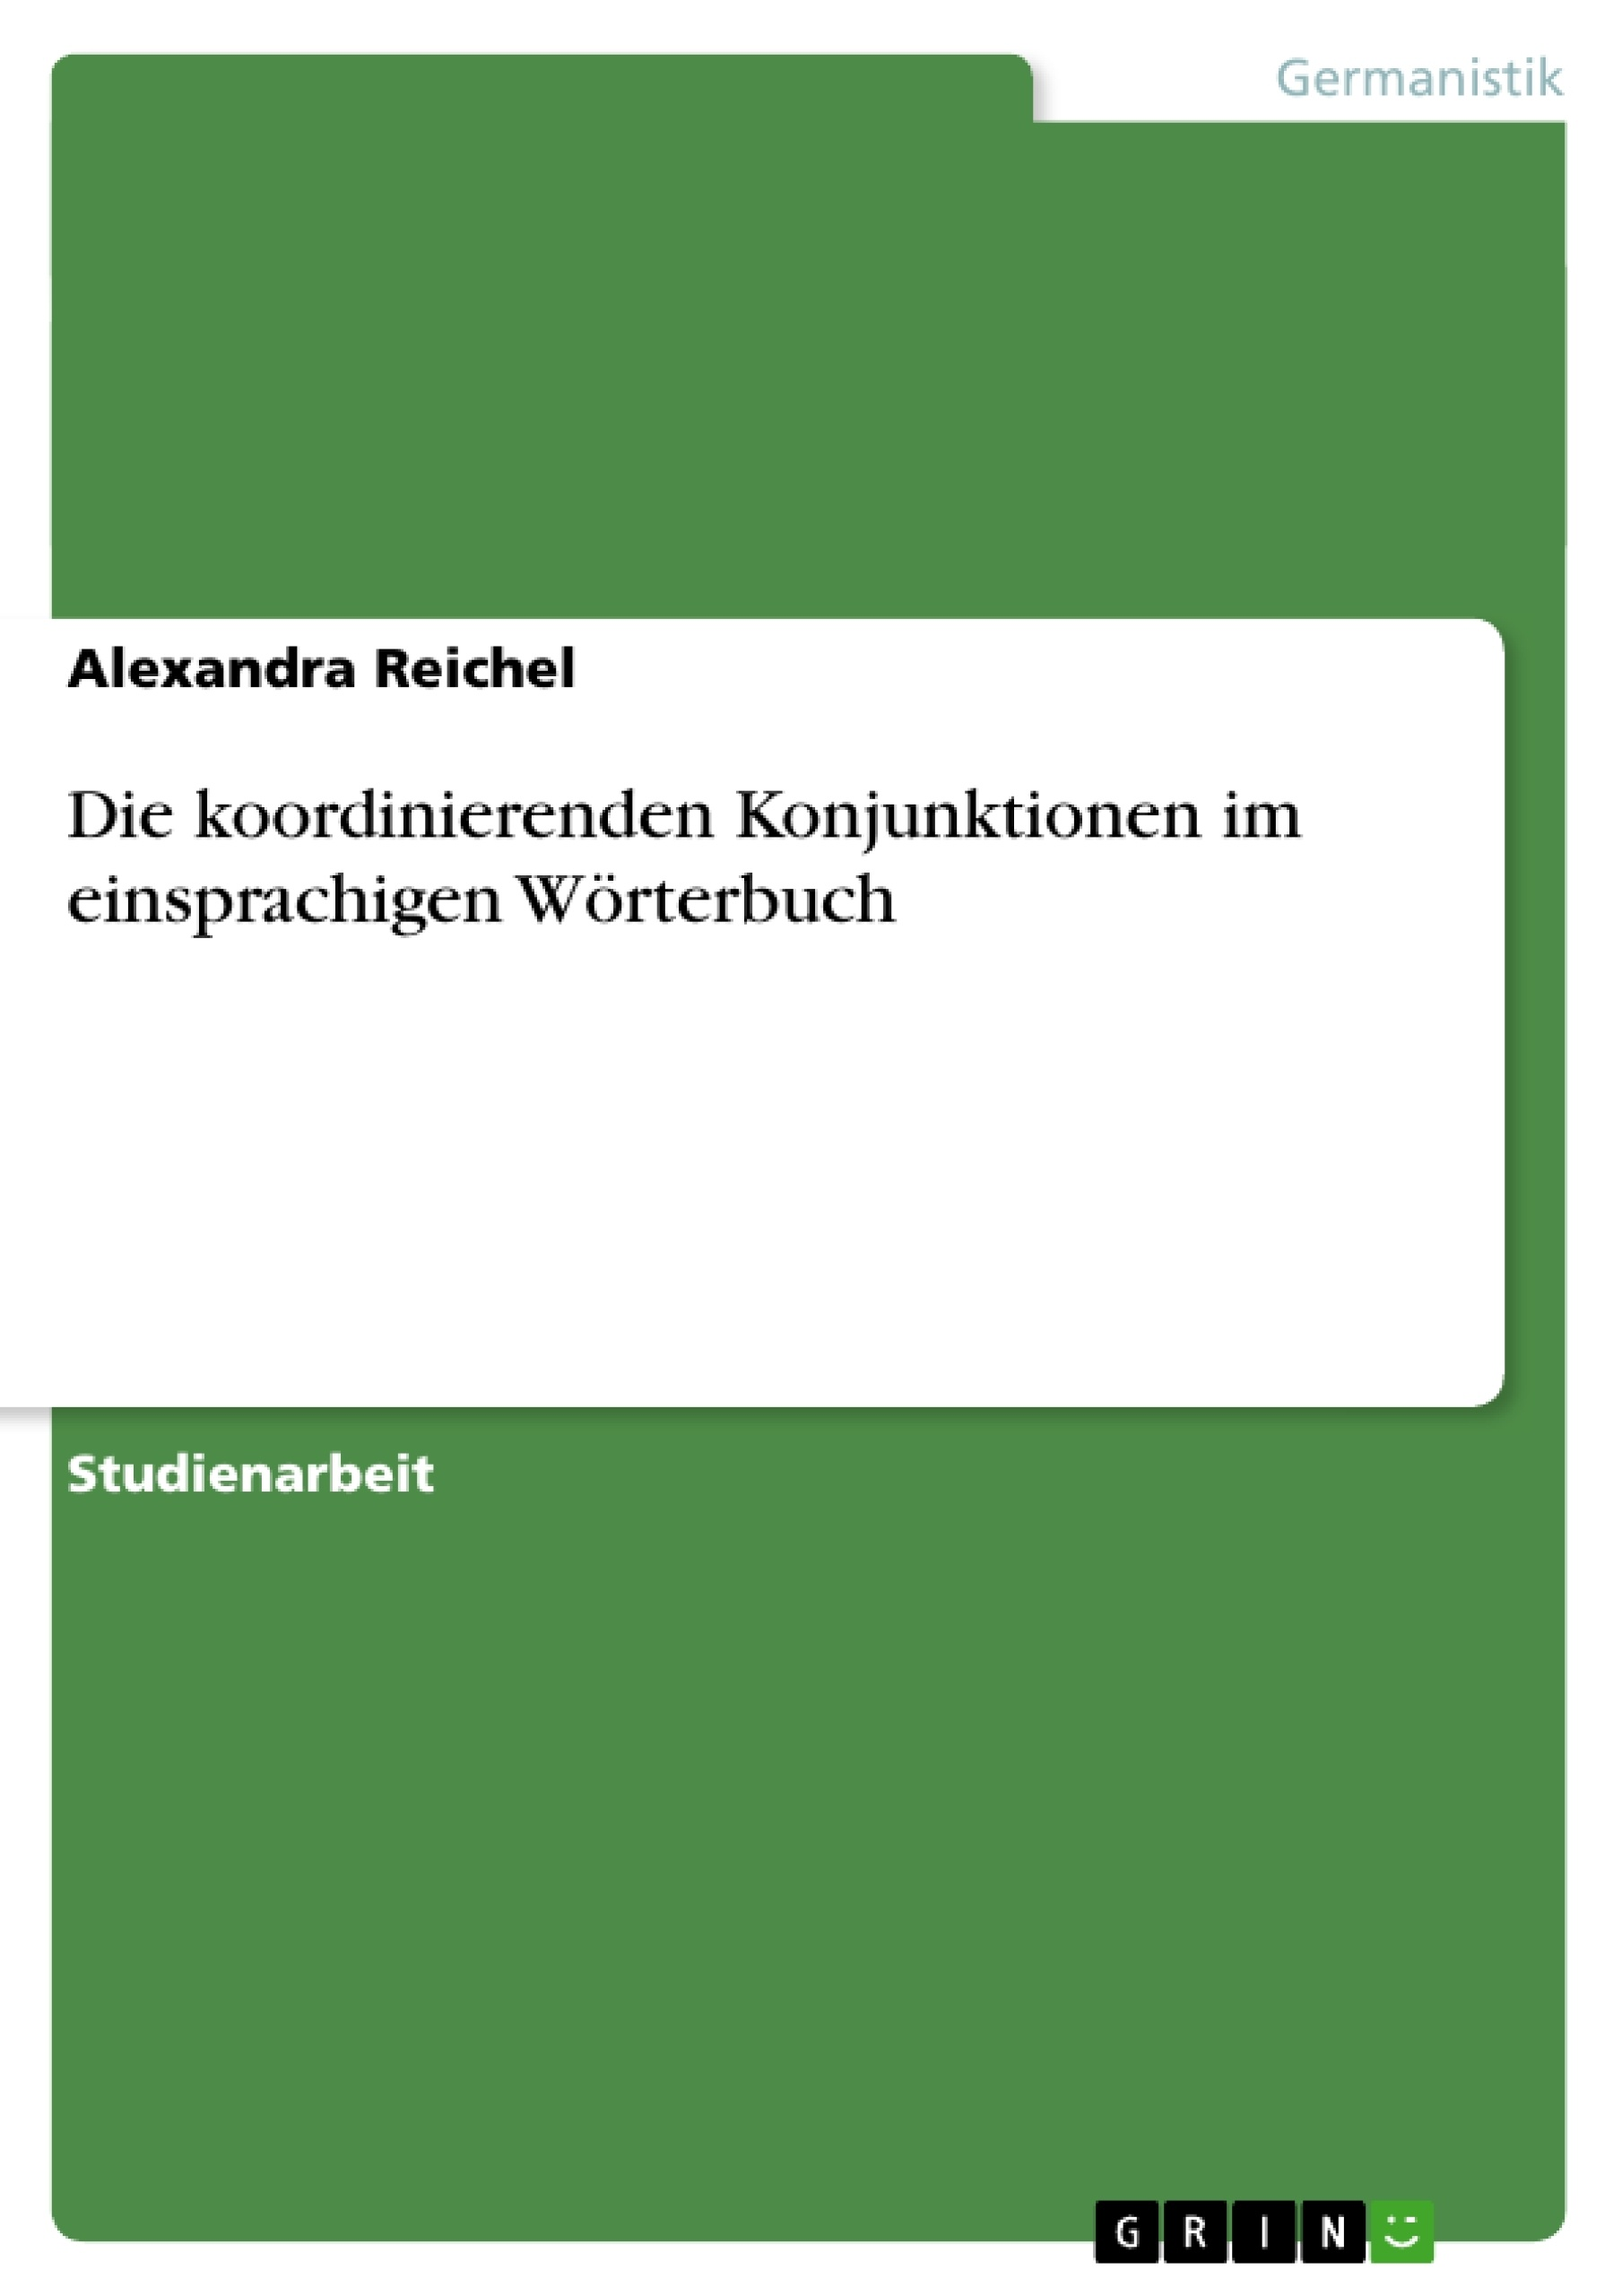 Titel: Die koordinierenden Konjunktionen im einsprachigen Wörterbuch